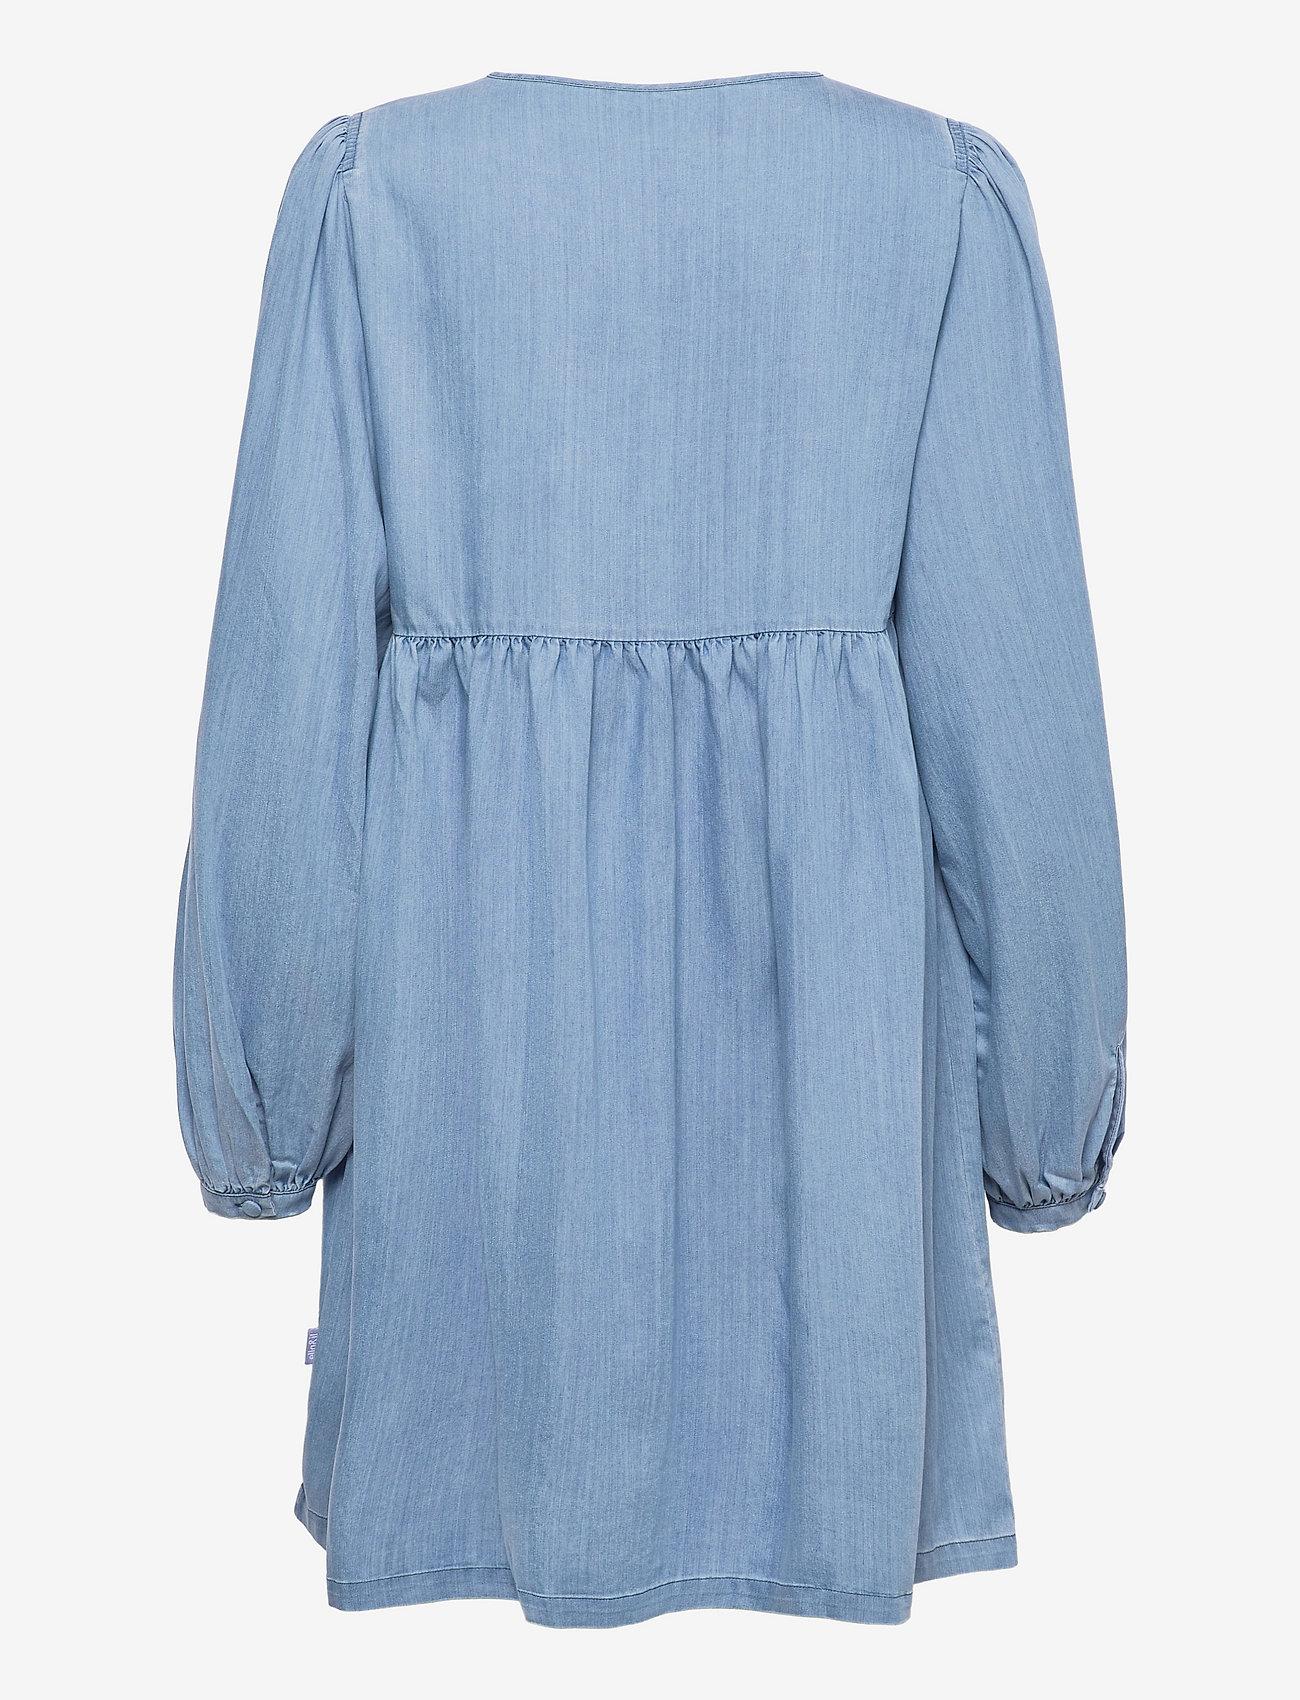 ella&il - Sammy denim dress - robes de jour - blue denim - 1